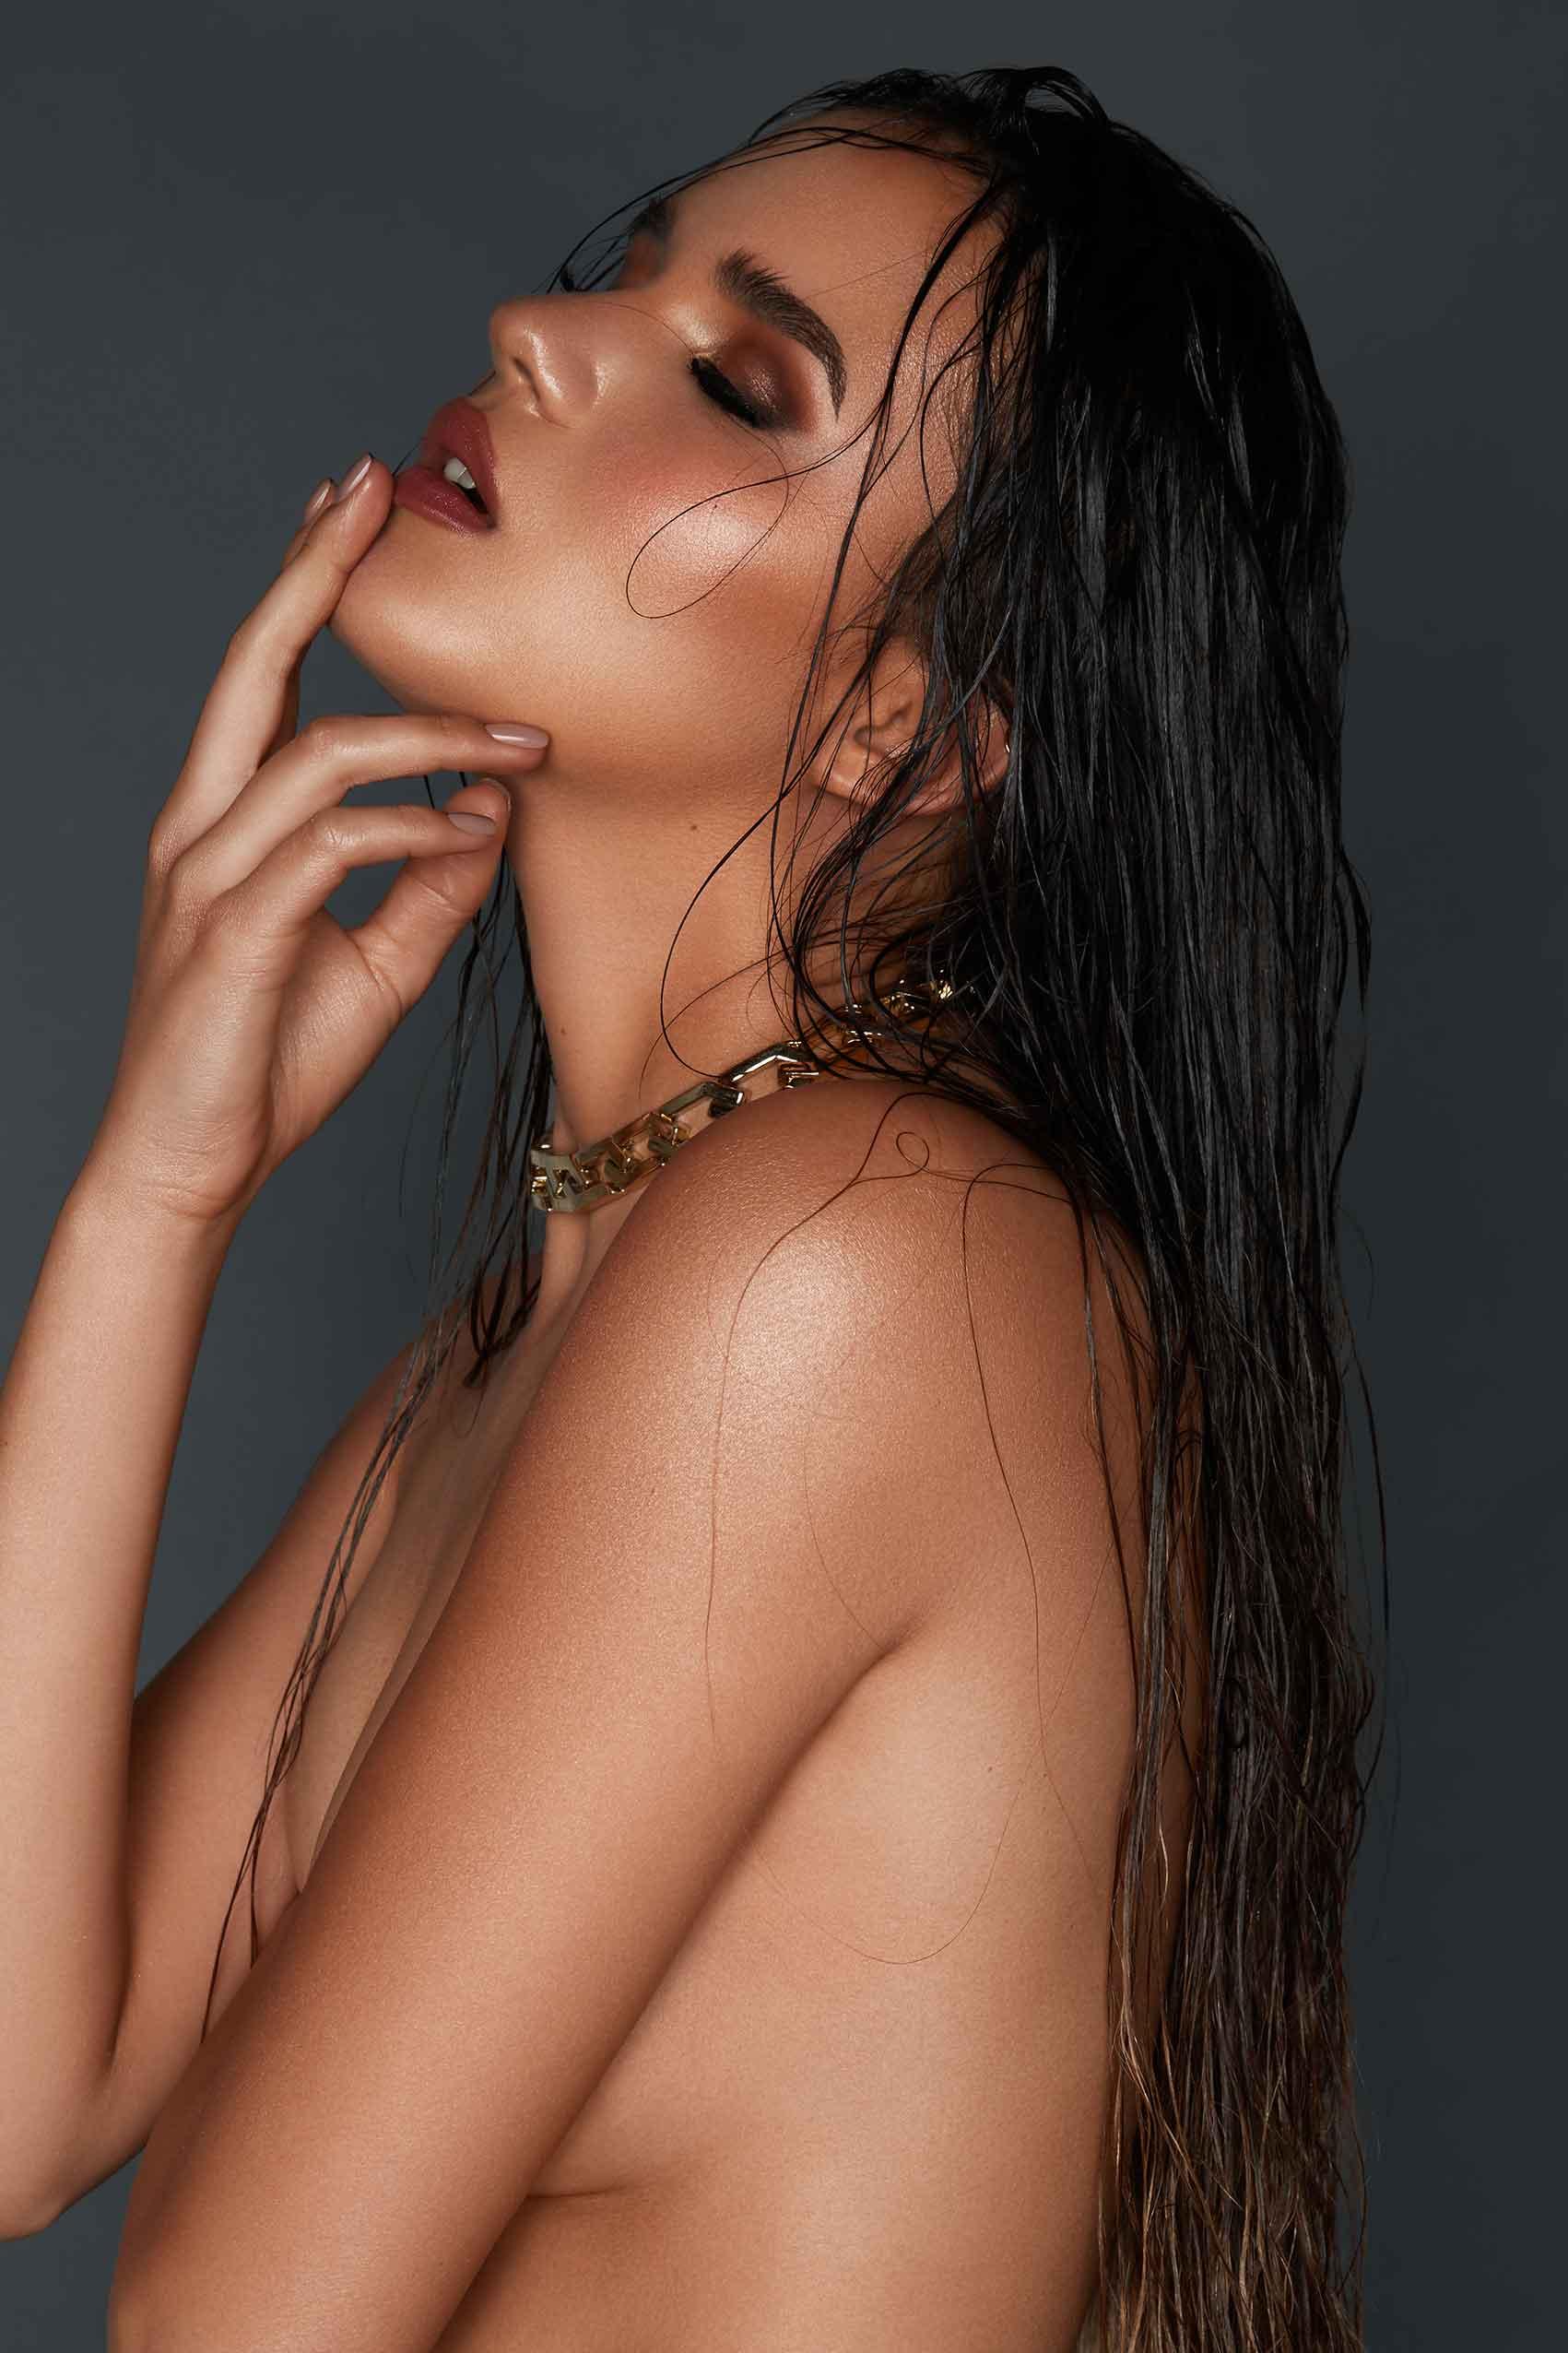 מגזין-אופנה-צילום: שי קחזם, איפור: מיכל סנה, שיער: שי דיפאני, סטיילינג: מעיין גולקו, דוגמנית נויה אליה